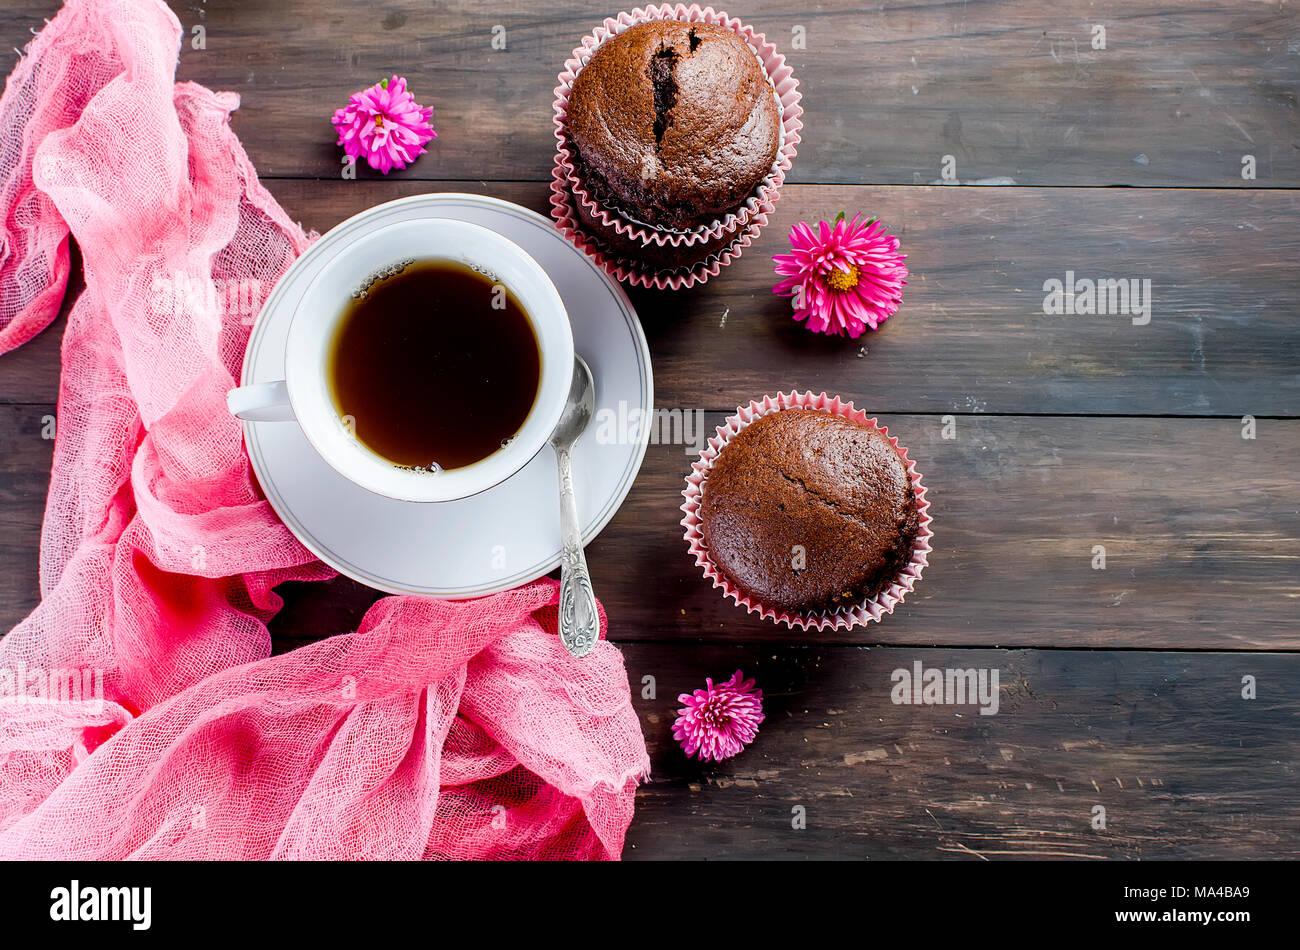 Muffins au chocolat et une tasse de café encore petit-déjeuner la vie sur une table en bois sombre. Copier l'espace, vue d'en haut. Photo Stock